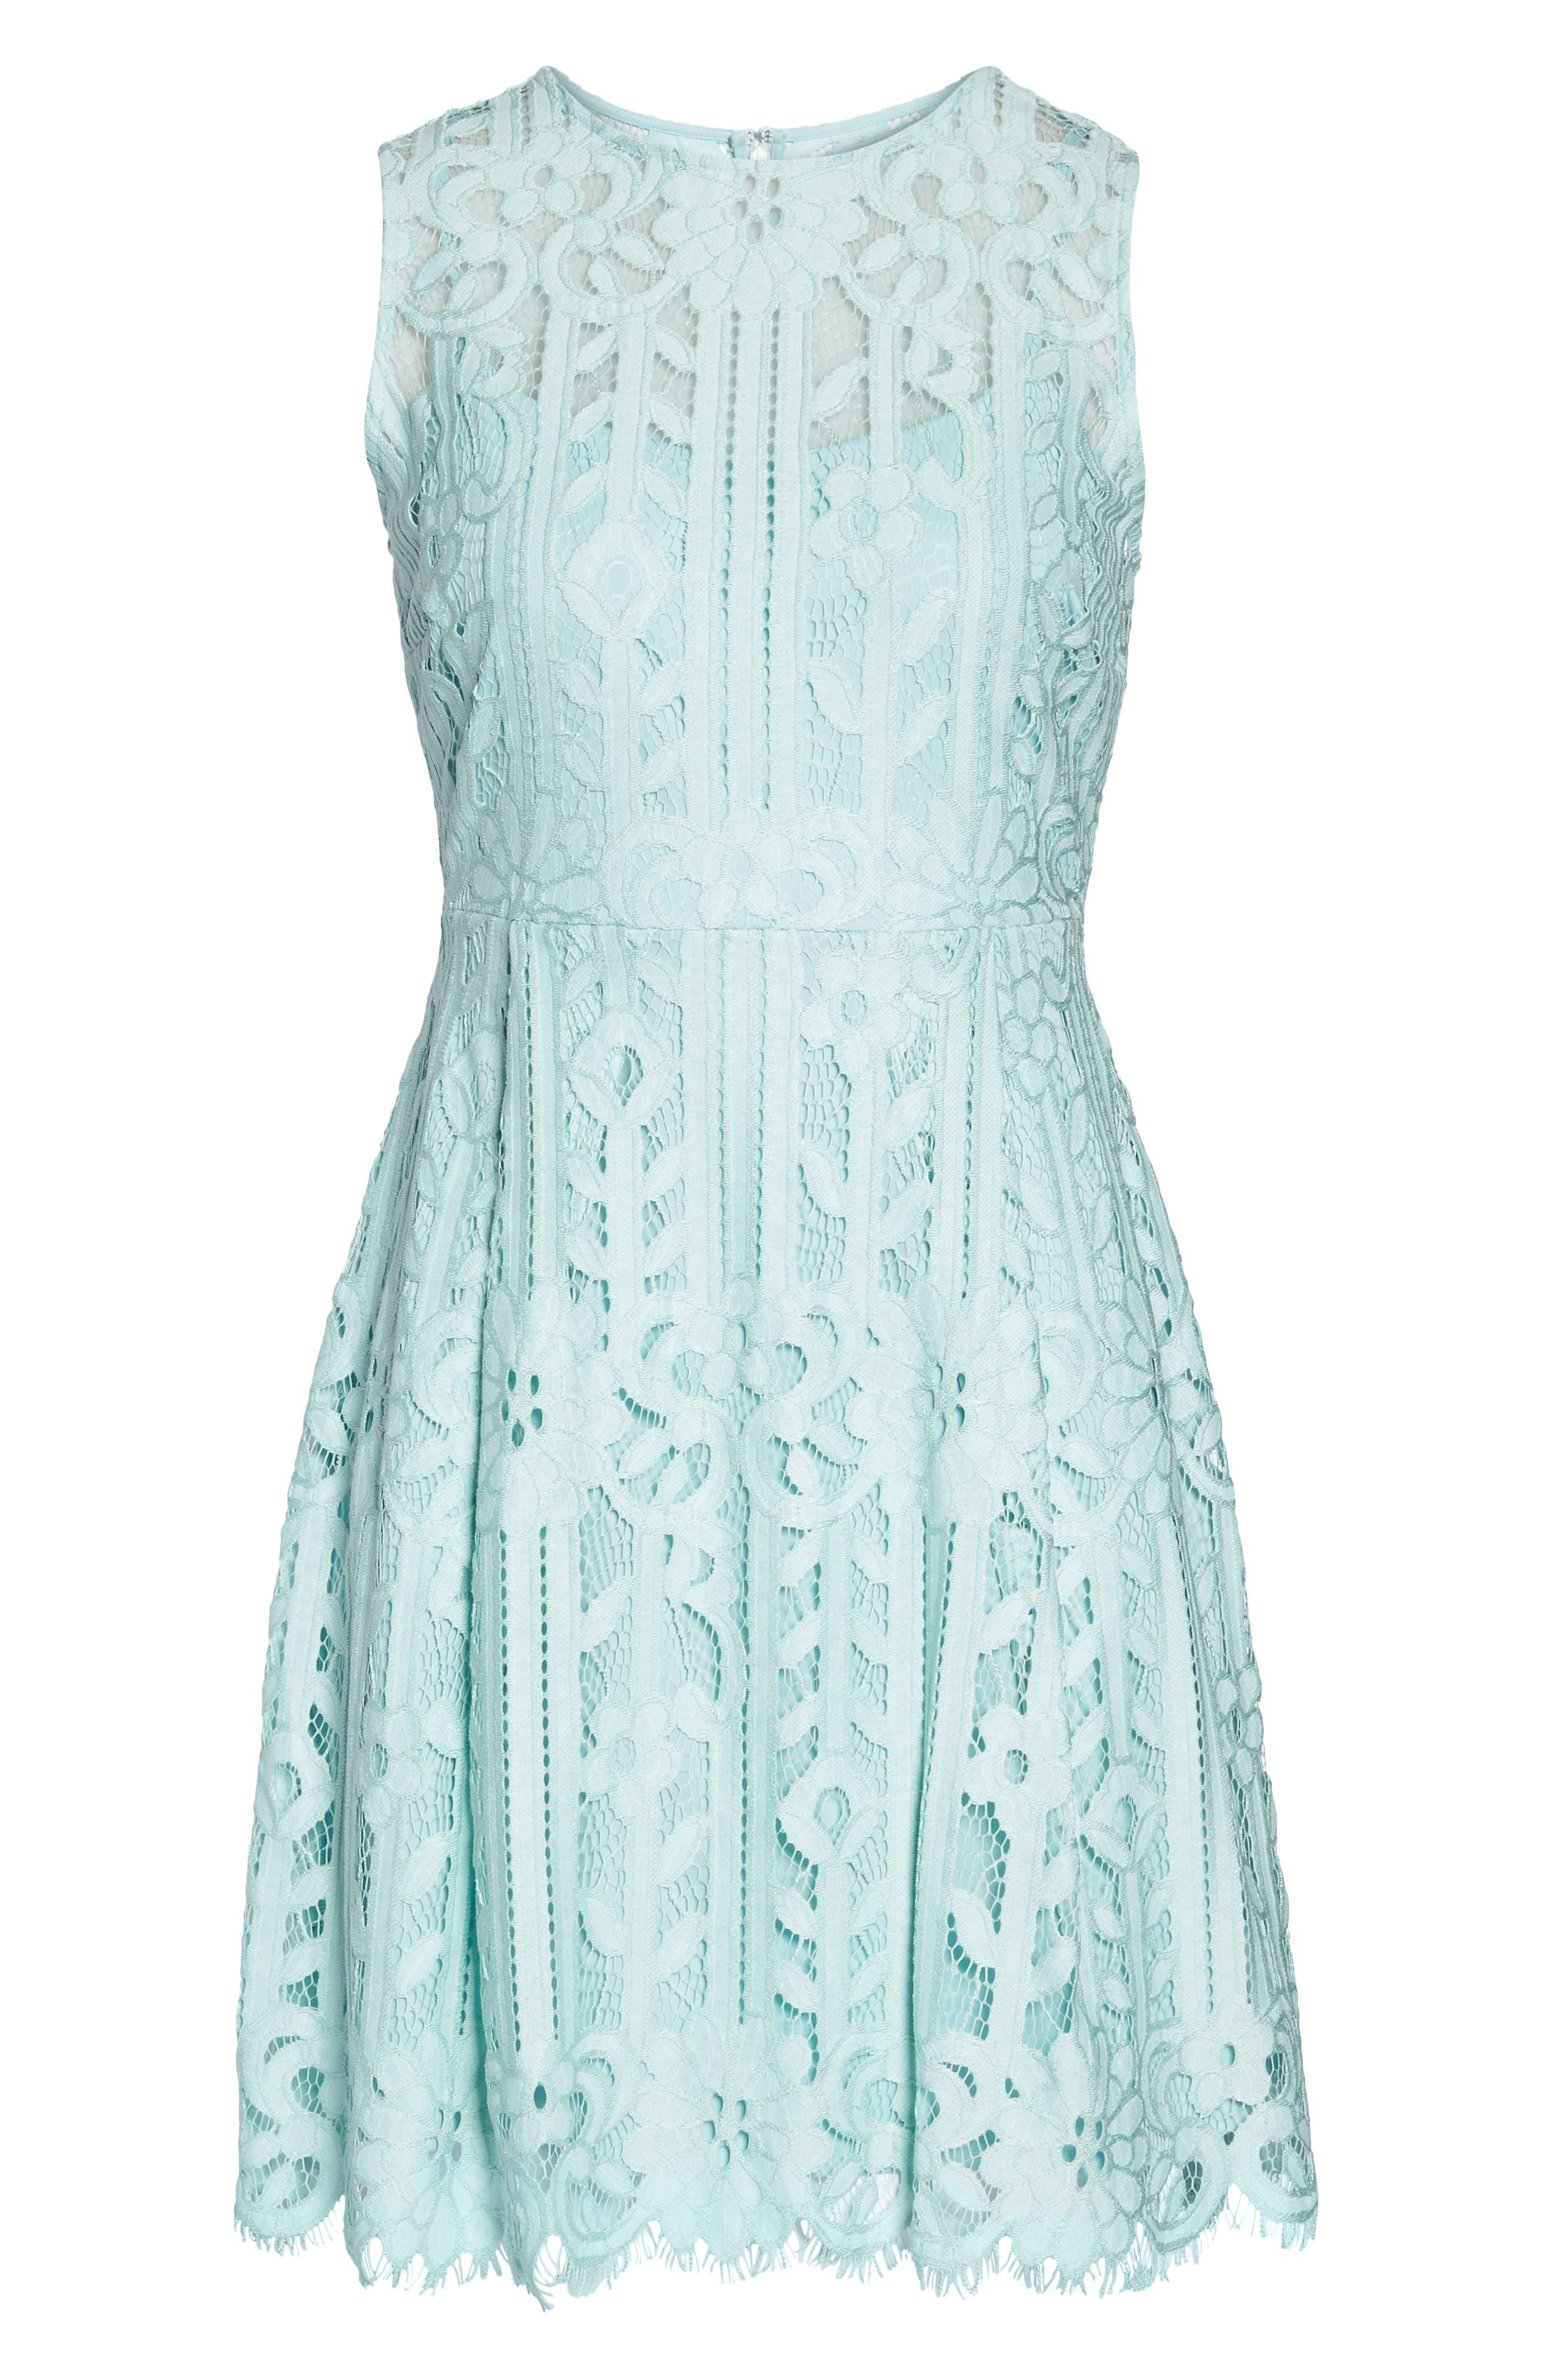 JULIA JORDAN,                             Sleeveless Lace Dress,                             Alternate thumbnail 7, color,                             332